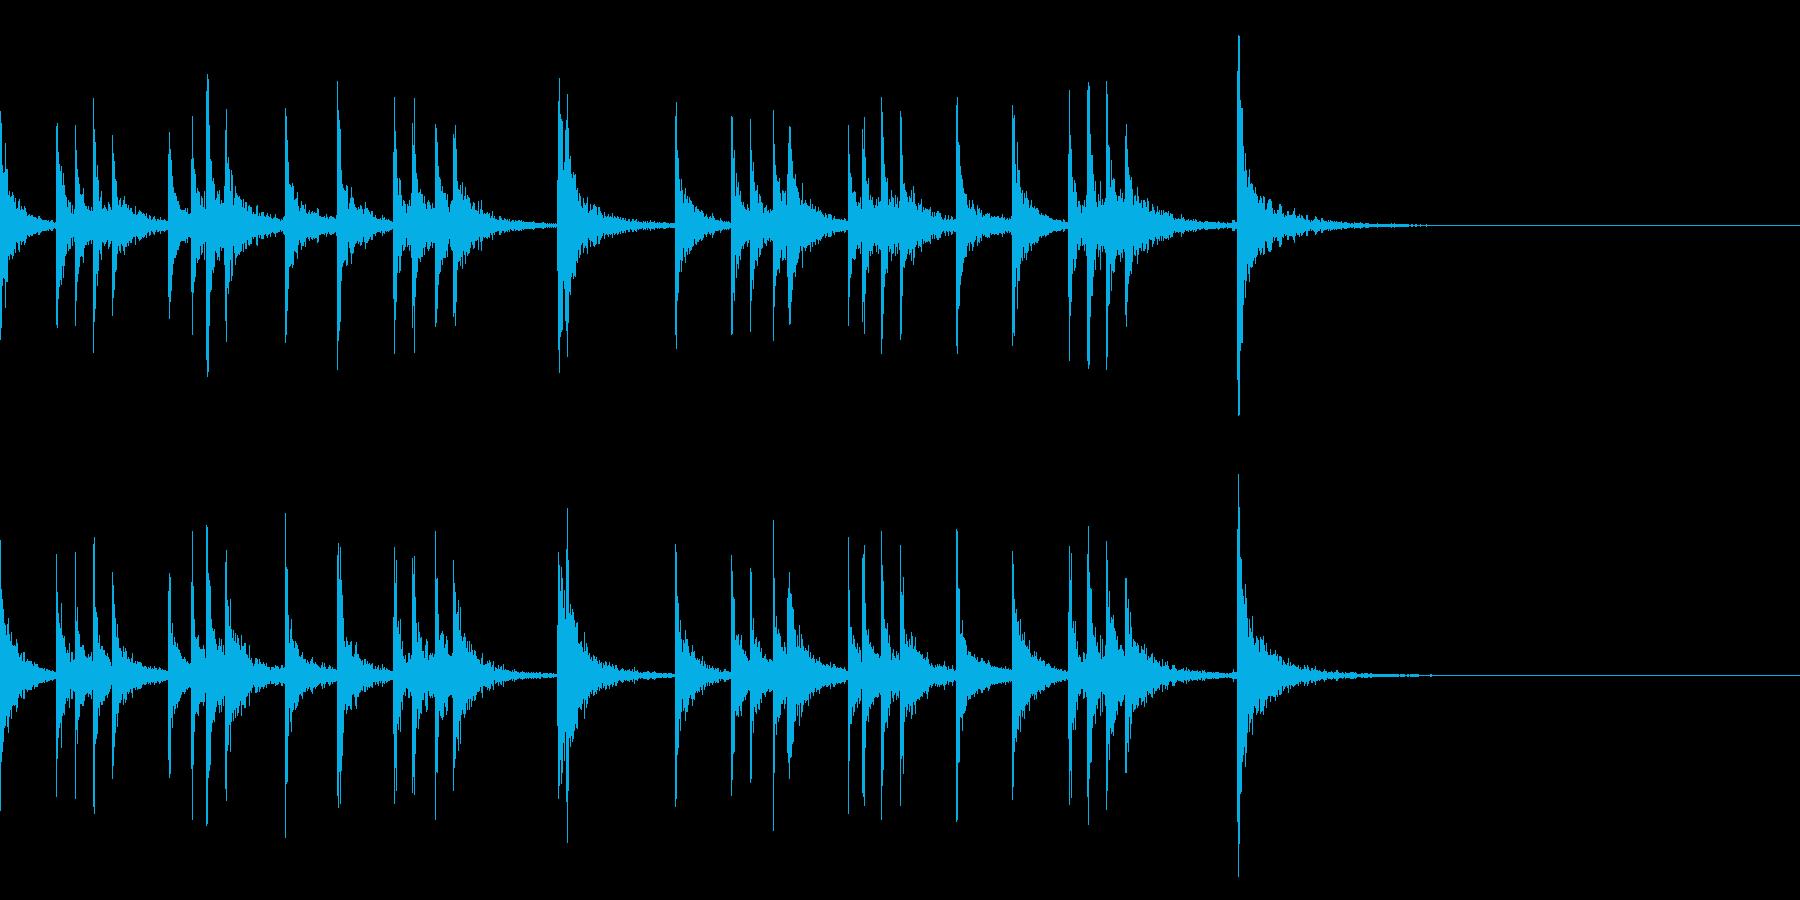 カスタネット!フレーズ3 エフェクト有の再生済みの波形